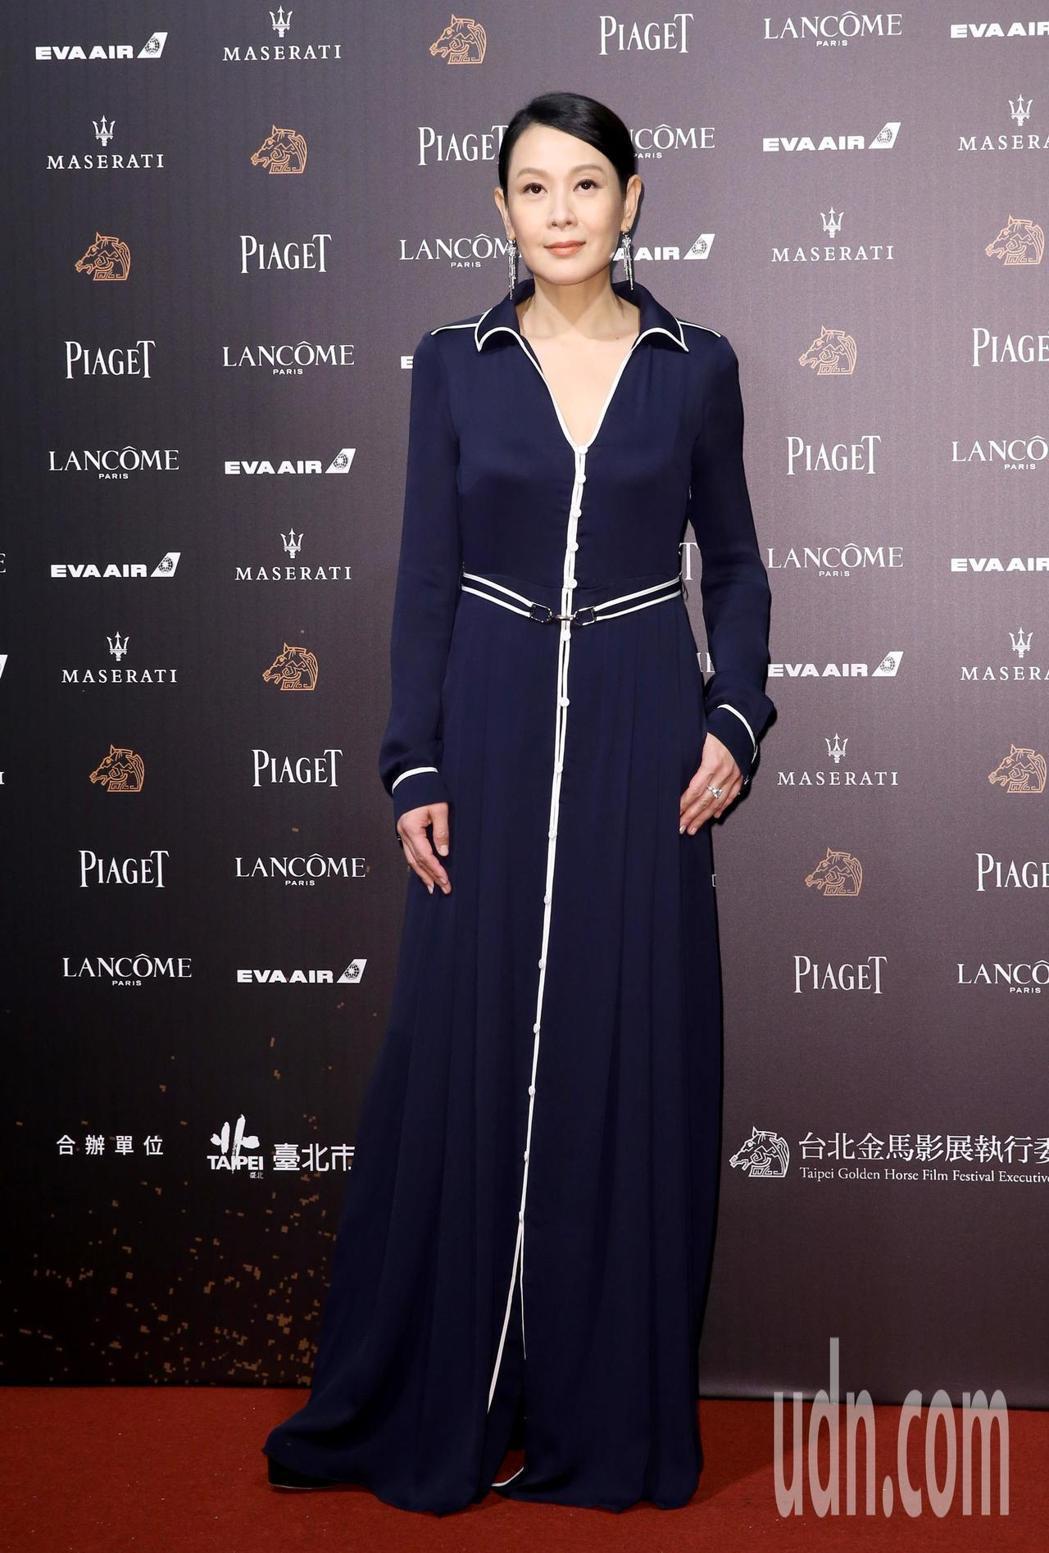 第55屆金馬獎頒獎典禮在國父紀念館舉行,劉若英走星光大道。記者鄭清元/攝影